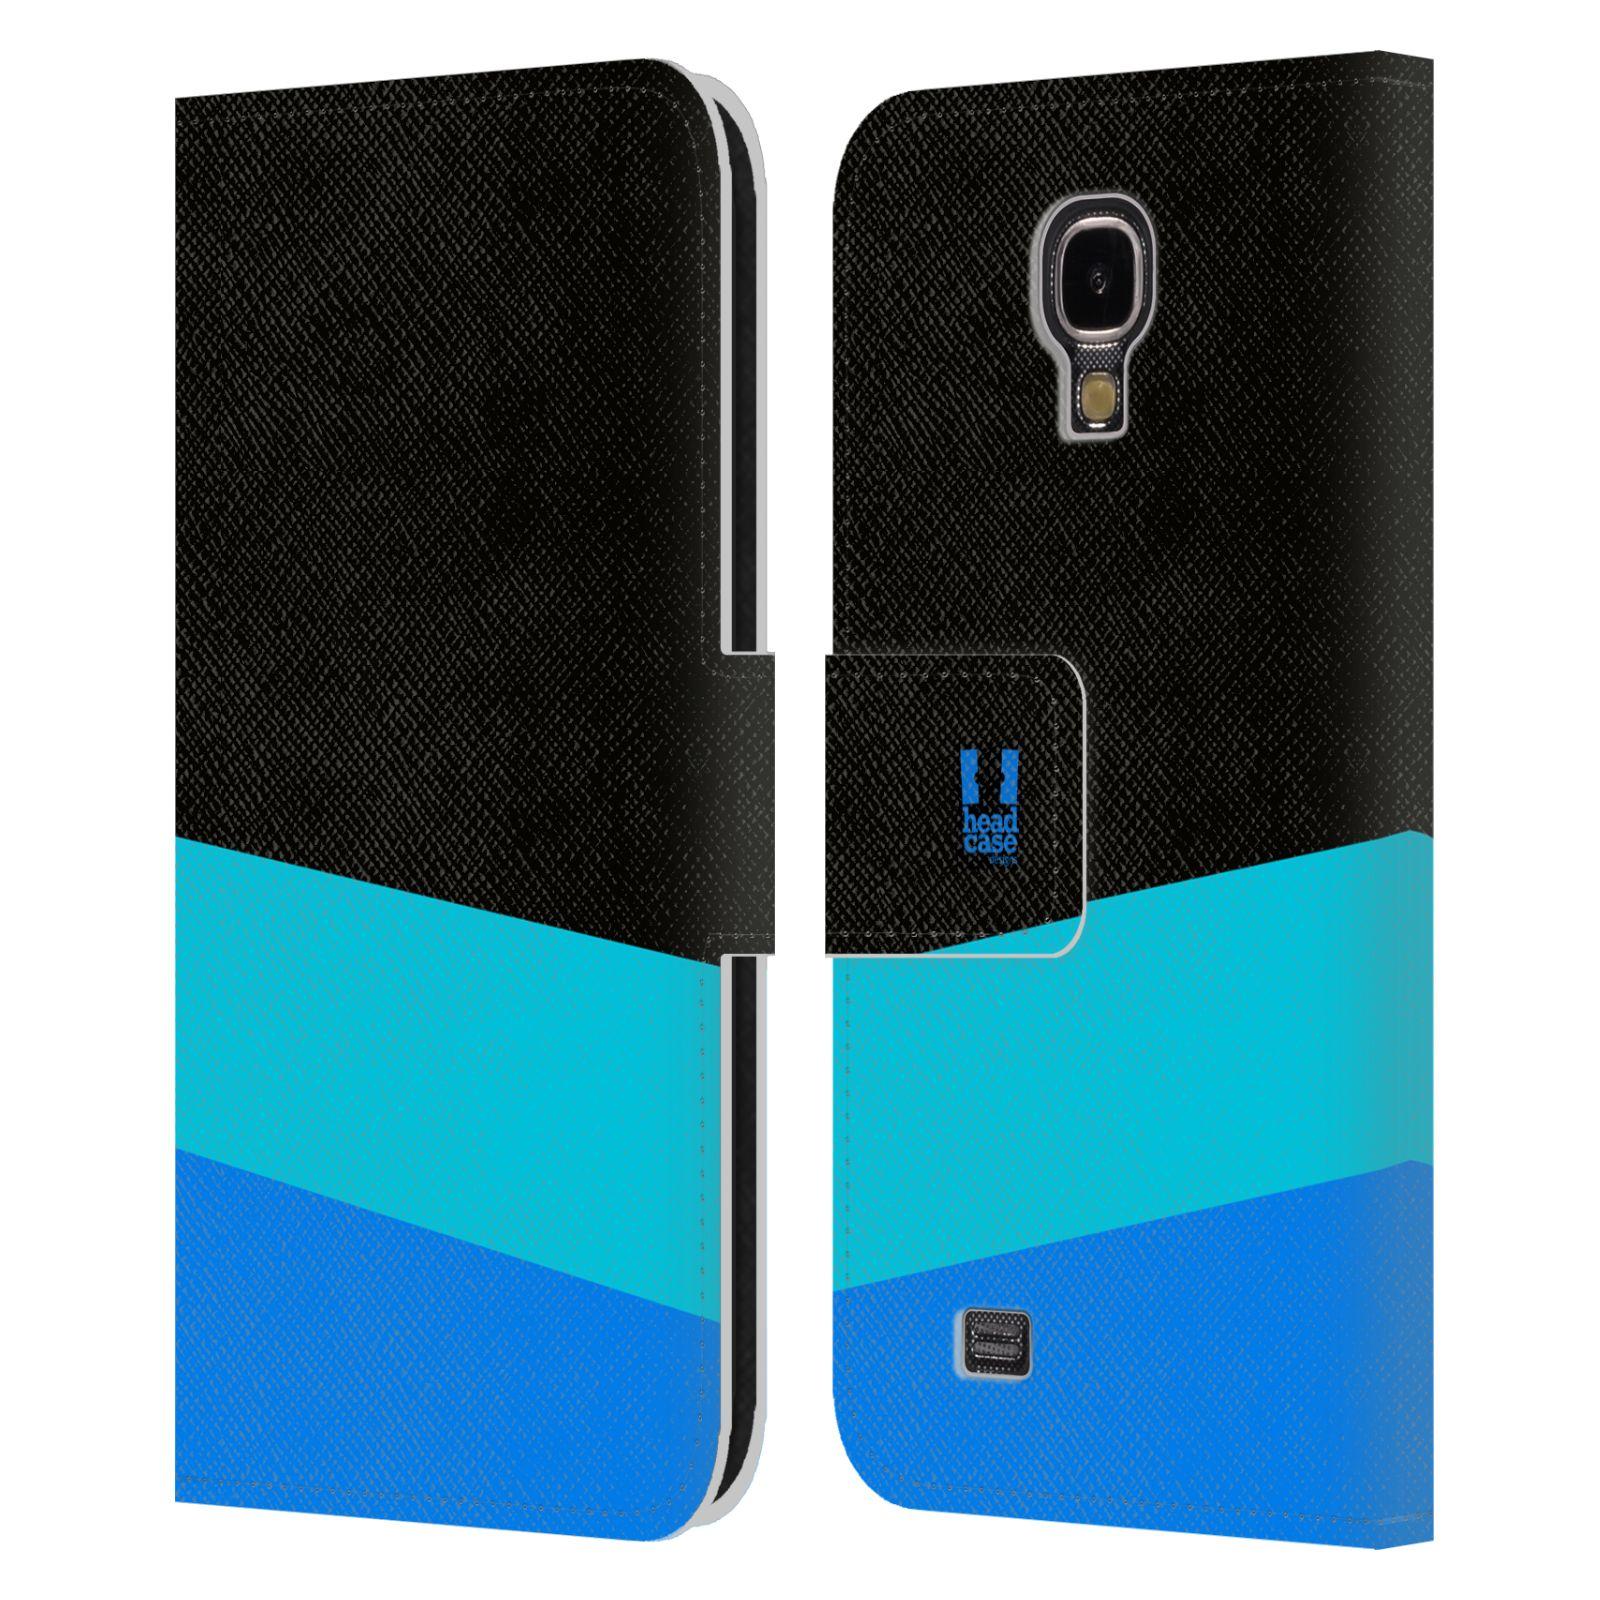 HEAD CASE Flipové pouzdro pro mobil Samsung Galaxy S4 I9500 barevné tvary modrá a černá FORMAL